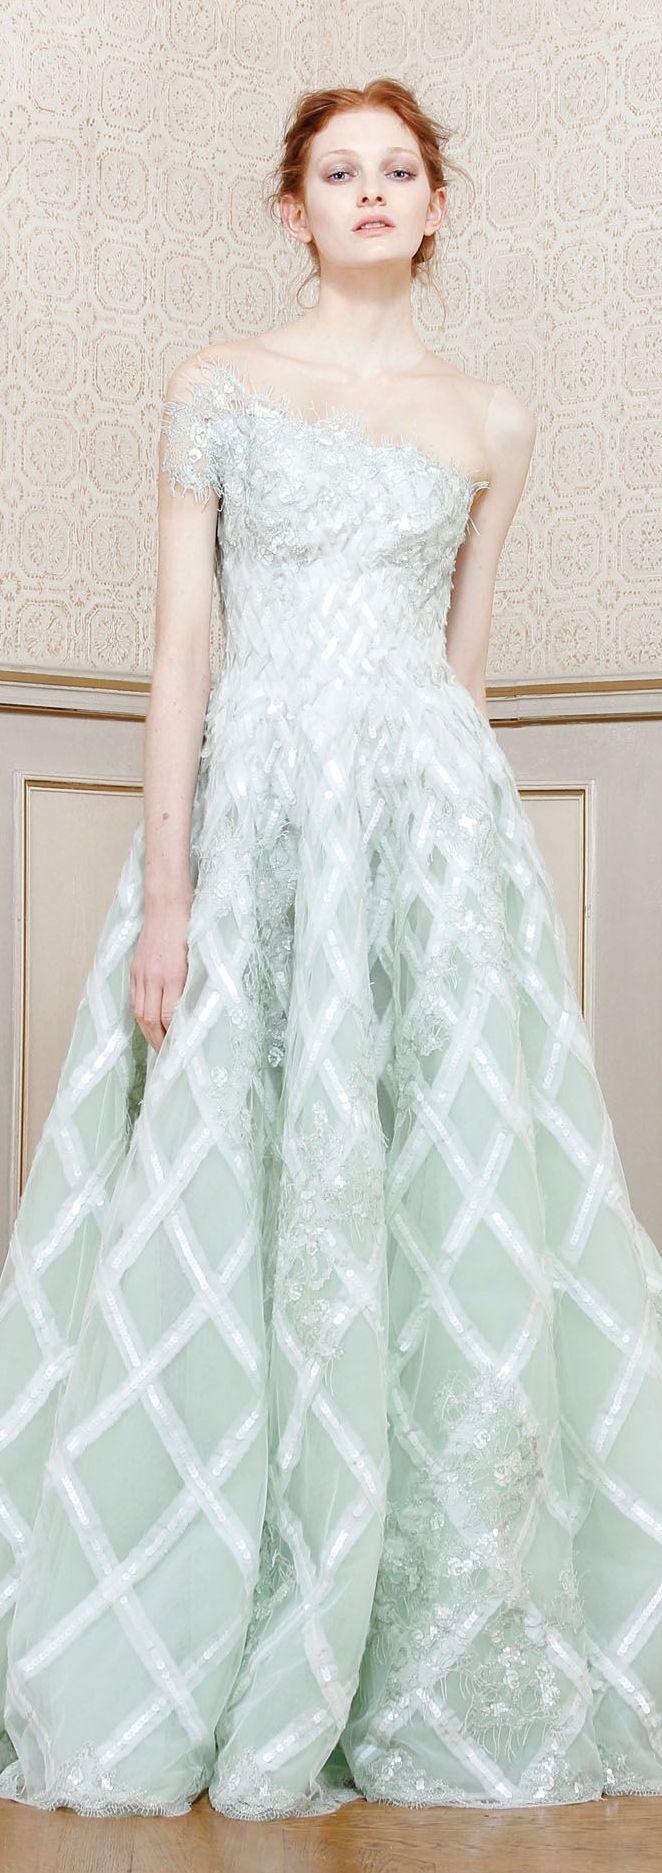 Mariage - Rami Al Ali Couture S / S 2014